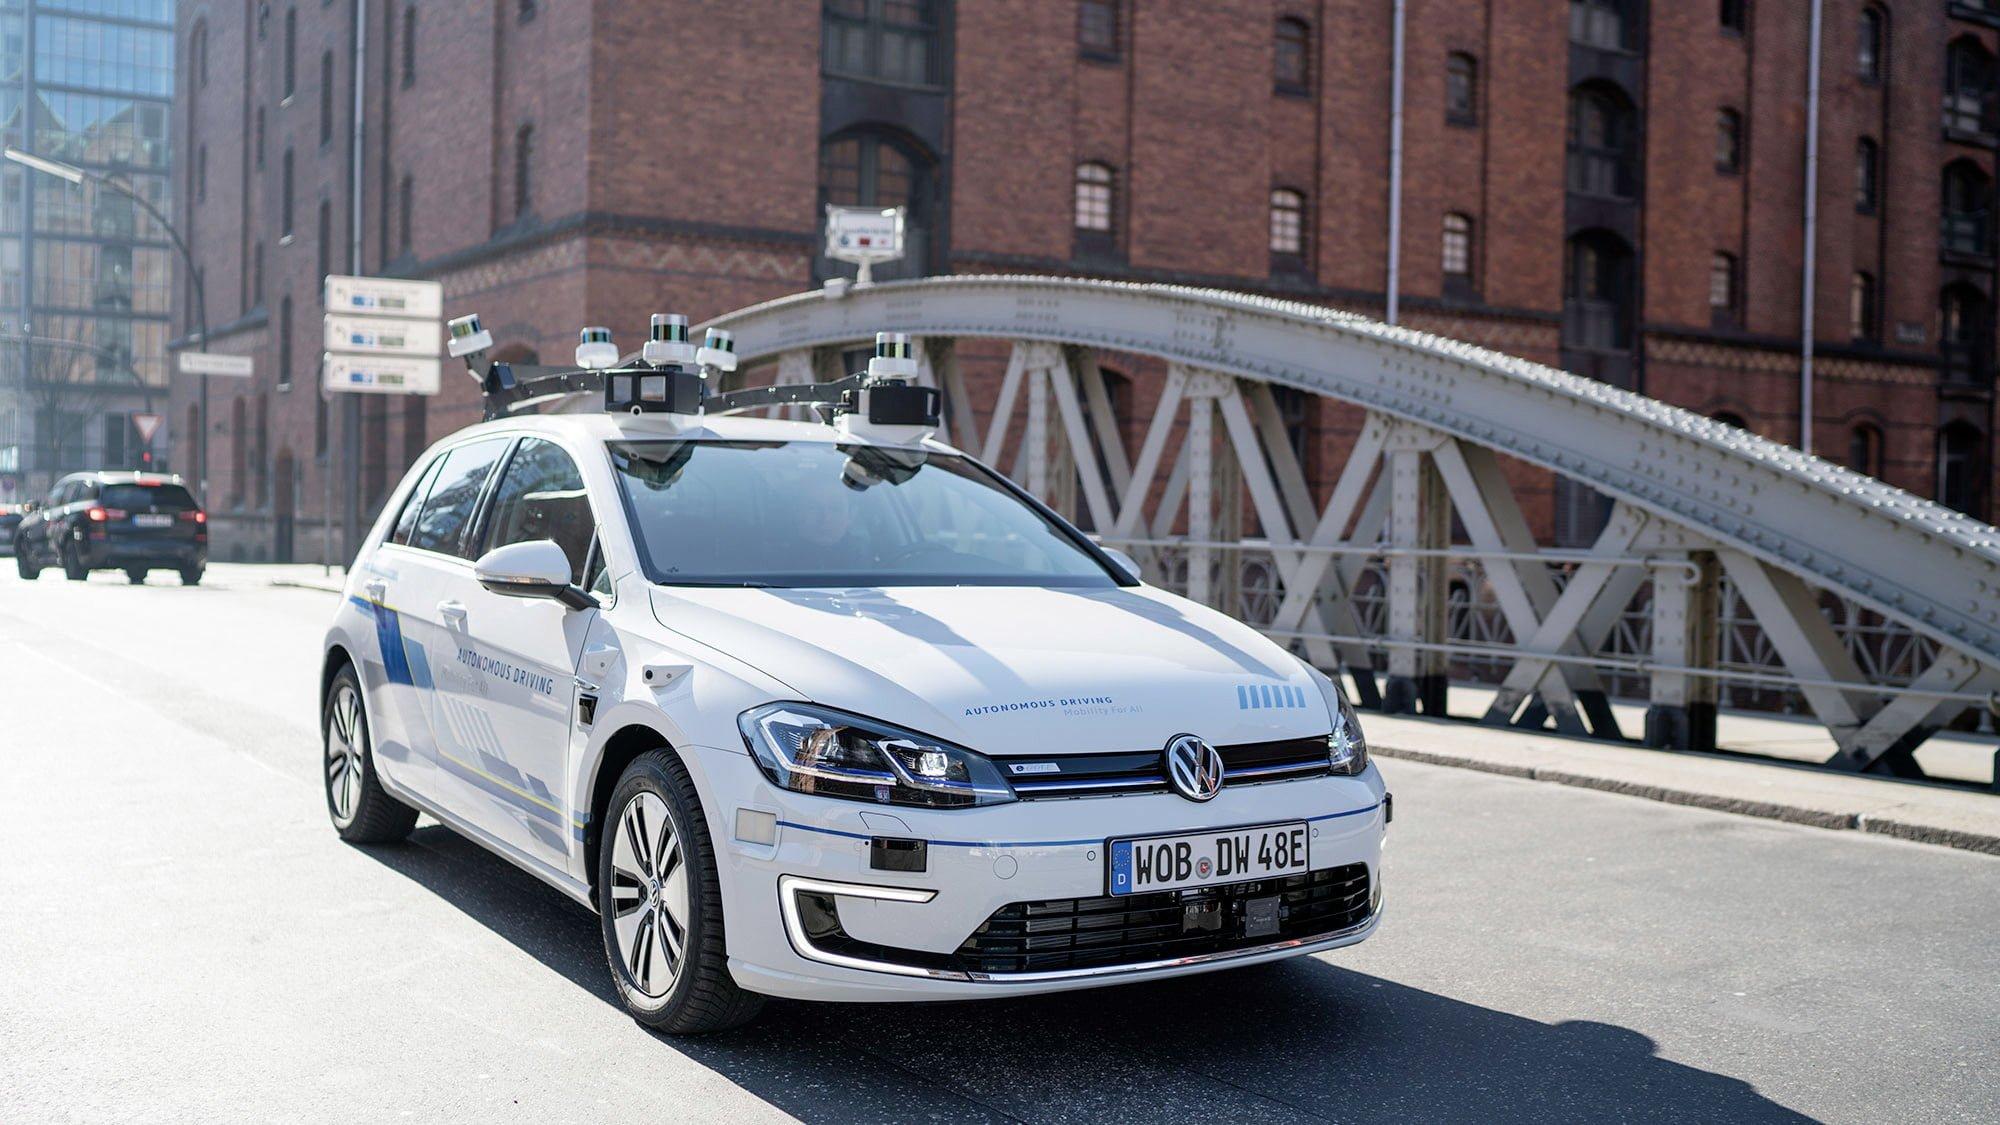 Volkswagen testuje autonomiczne Golfy na publicznych drogach w Europie